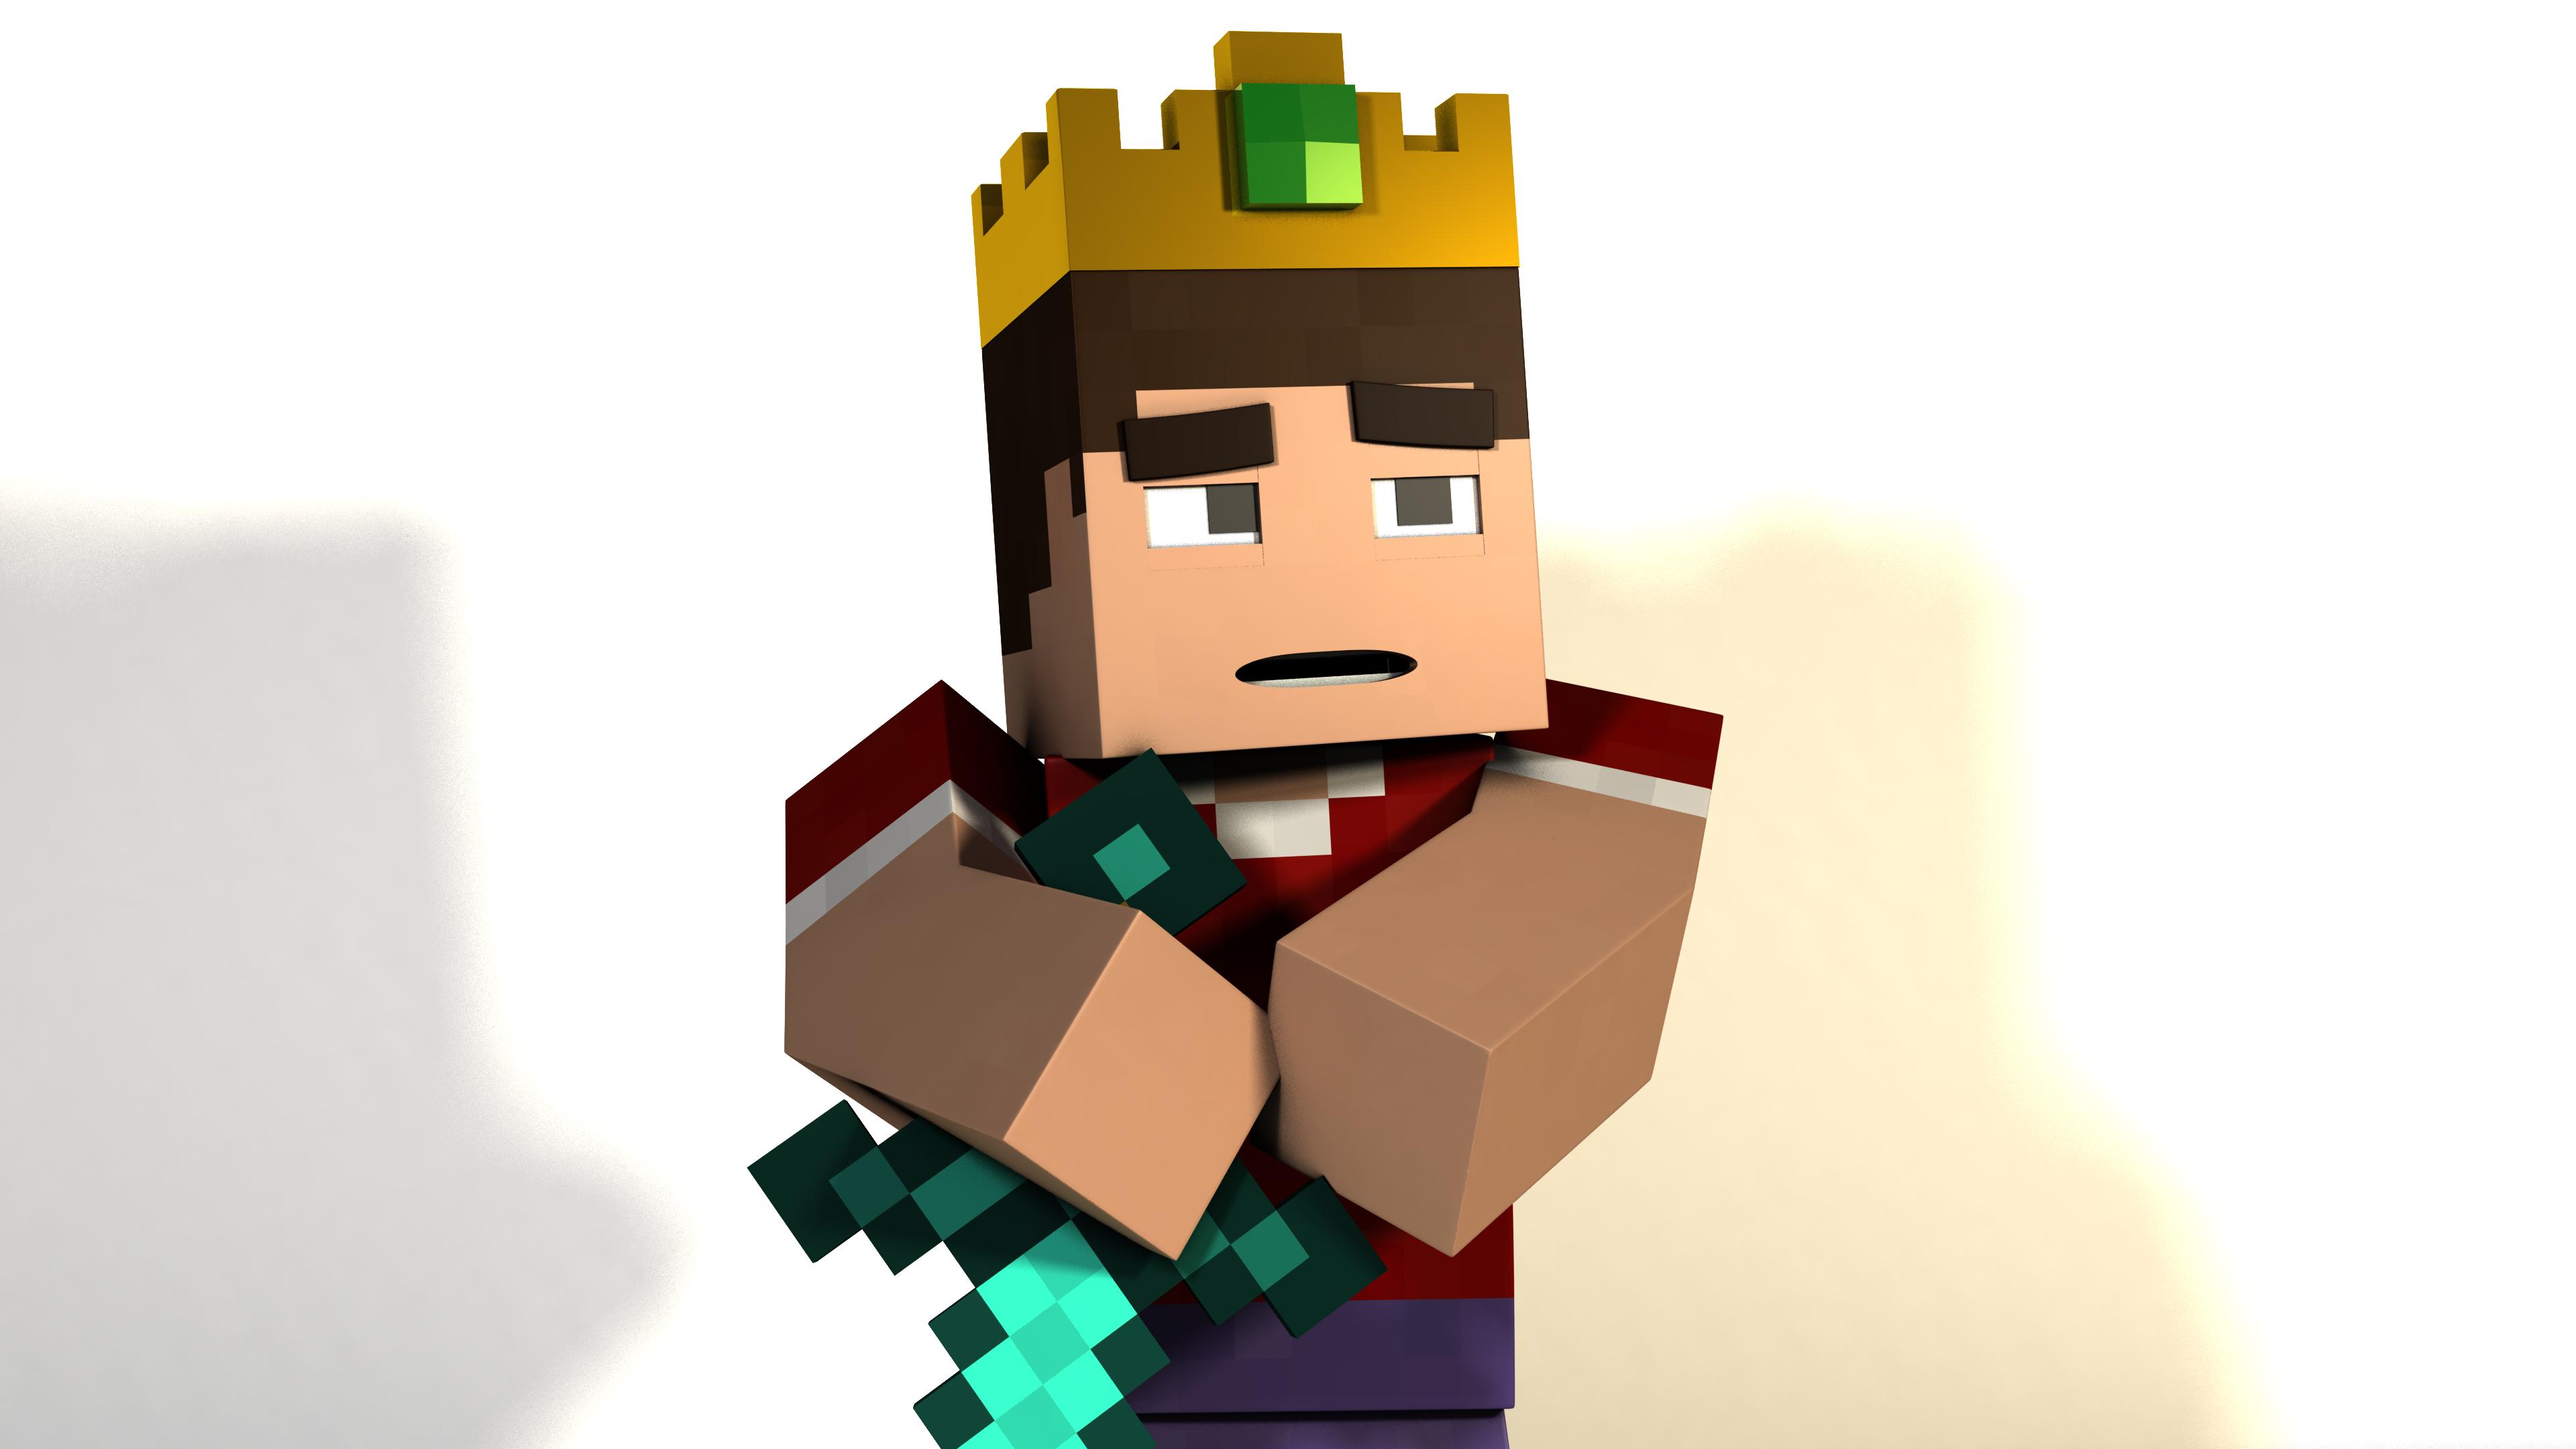 Minecraft 4k Render: The King by Minecheesecraft on DeviantArt